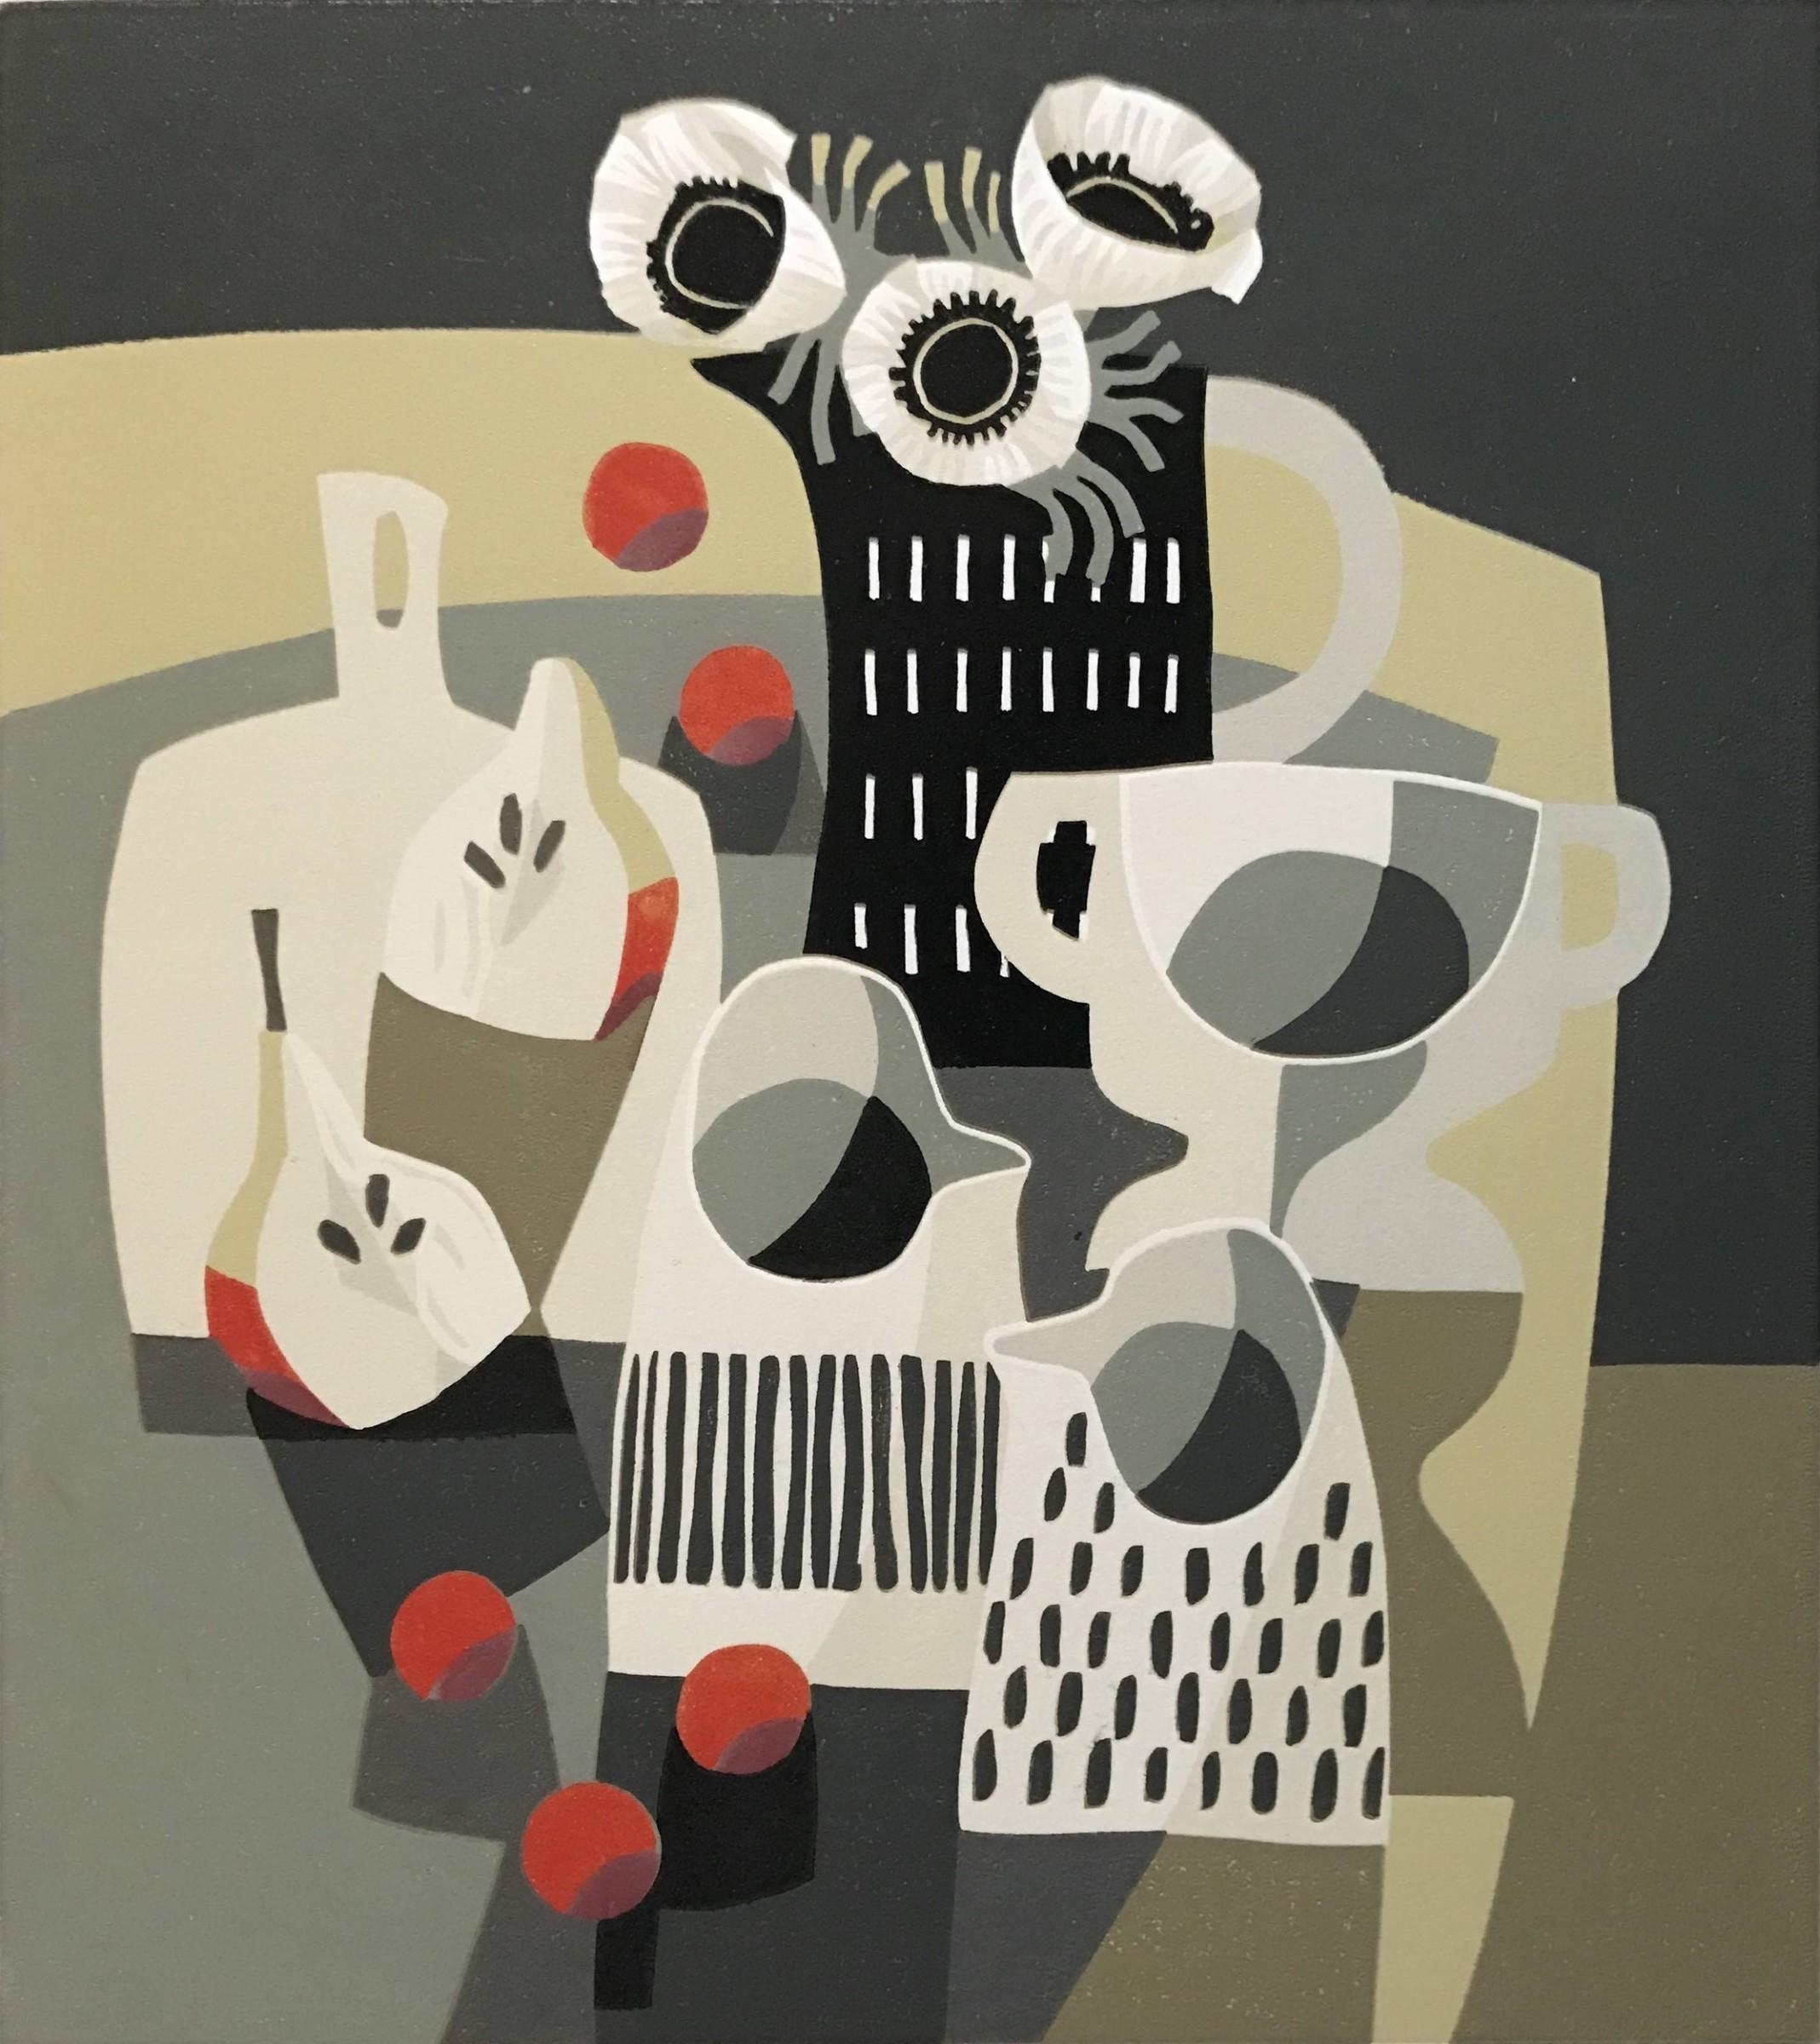 <span class=&#34;link fancybox-details-link&#34;><a href=&#34;/artists/255-jane-walker-are/works/10060/&#34;>View Detail Page</a></span><div class=&#34;artist&#34;><span class=&#34;artist&#34;><strong>Jane Walker ARE</strong></span></div><div class=&#34;title&#34;><em>Monochrome Jugs</em></div><div class=&#34;medium&#34;>reduction linocut</div><div class=&#34;dimensions&#34;>26 x 29cm</div>